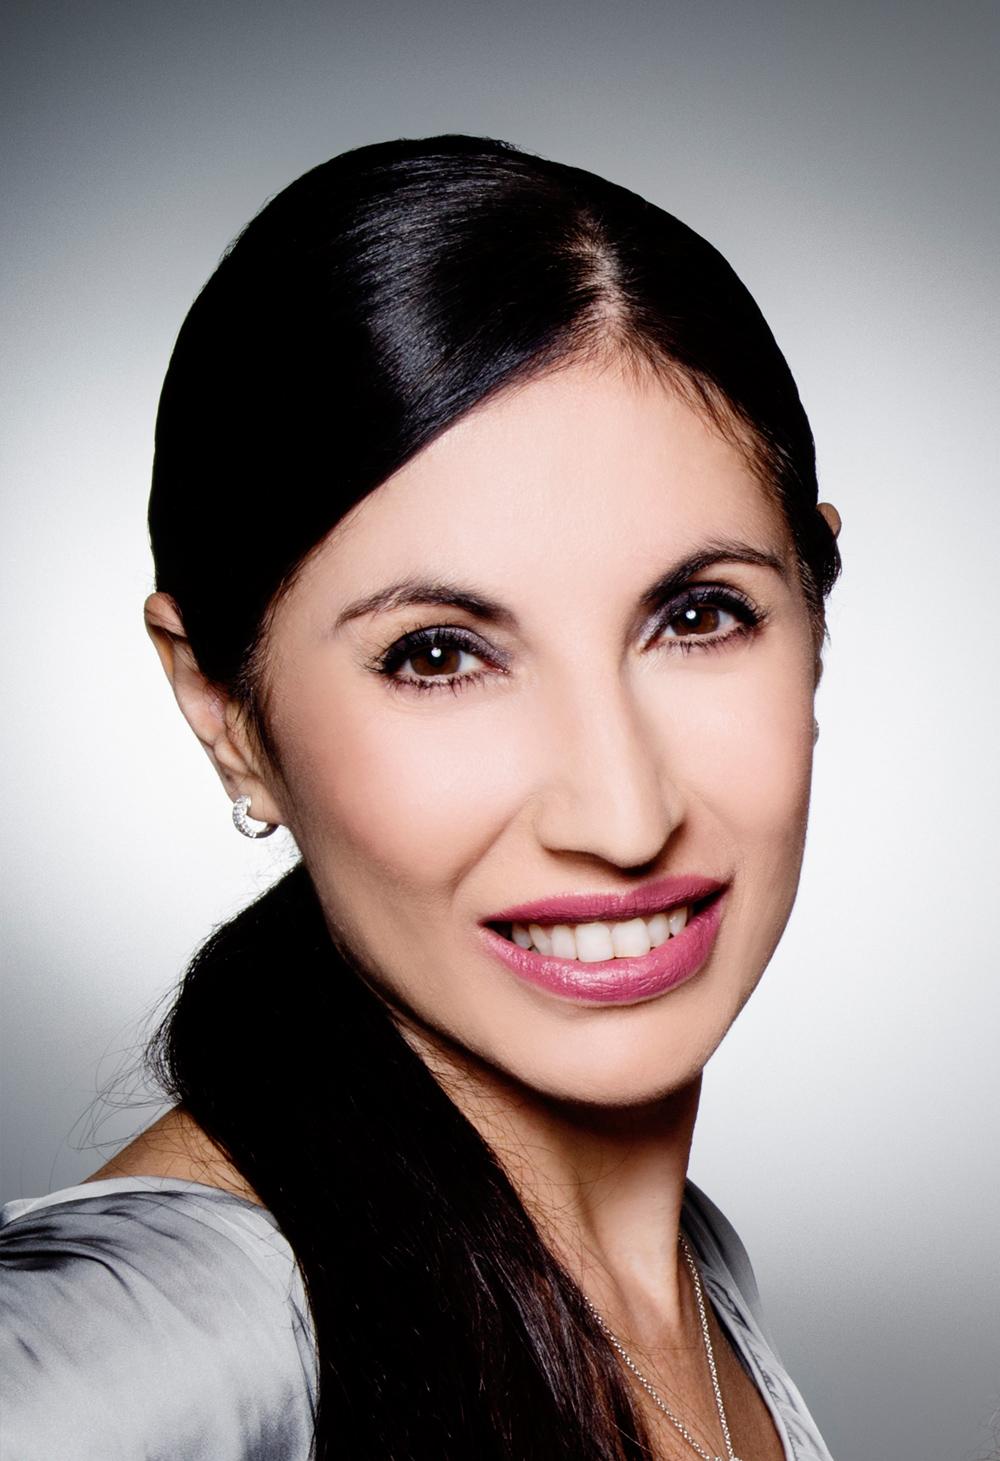 Dr Katina Elfis